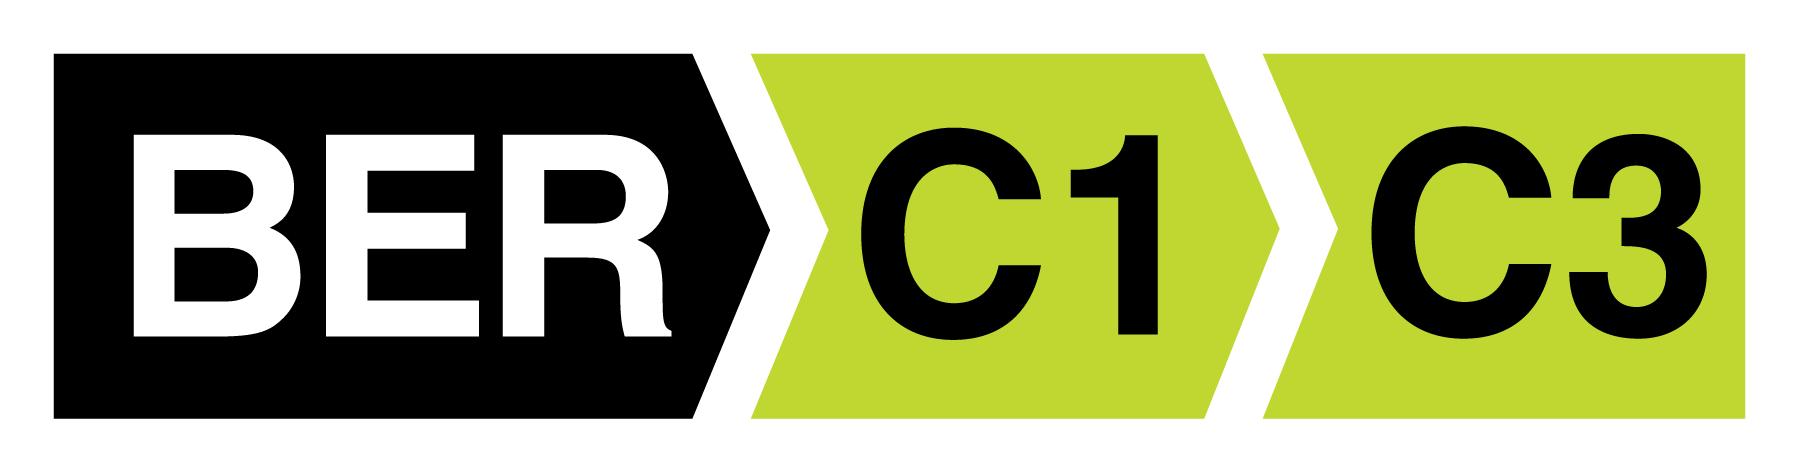 C1 > C3